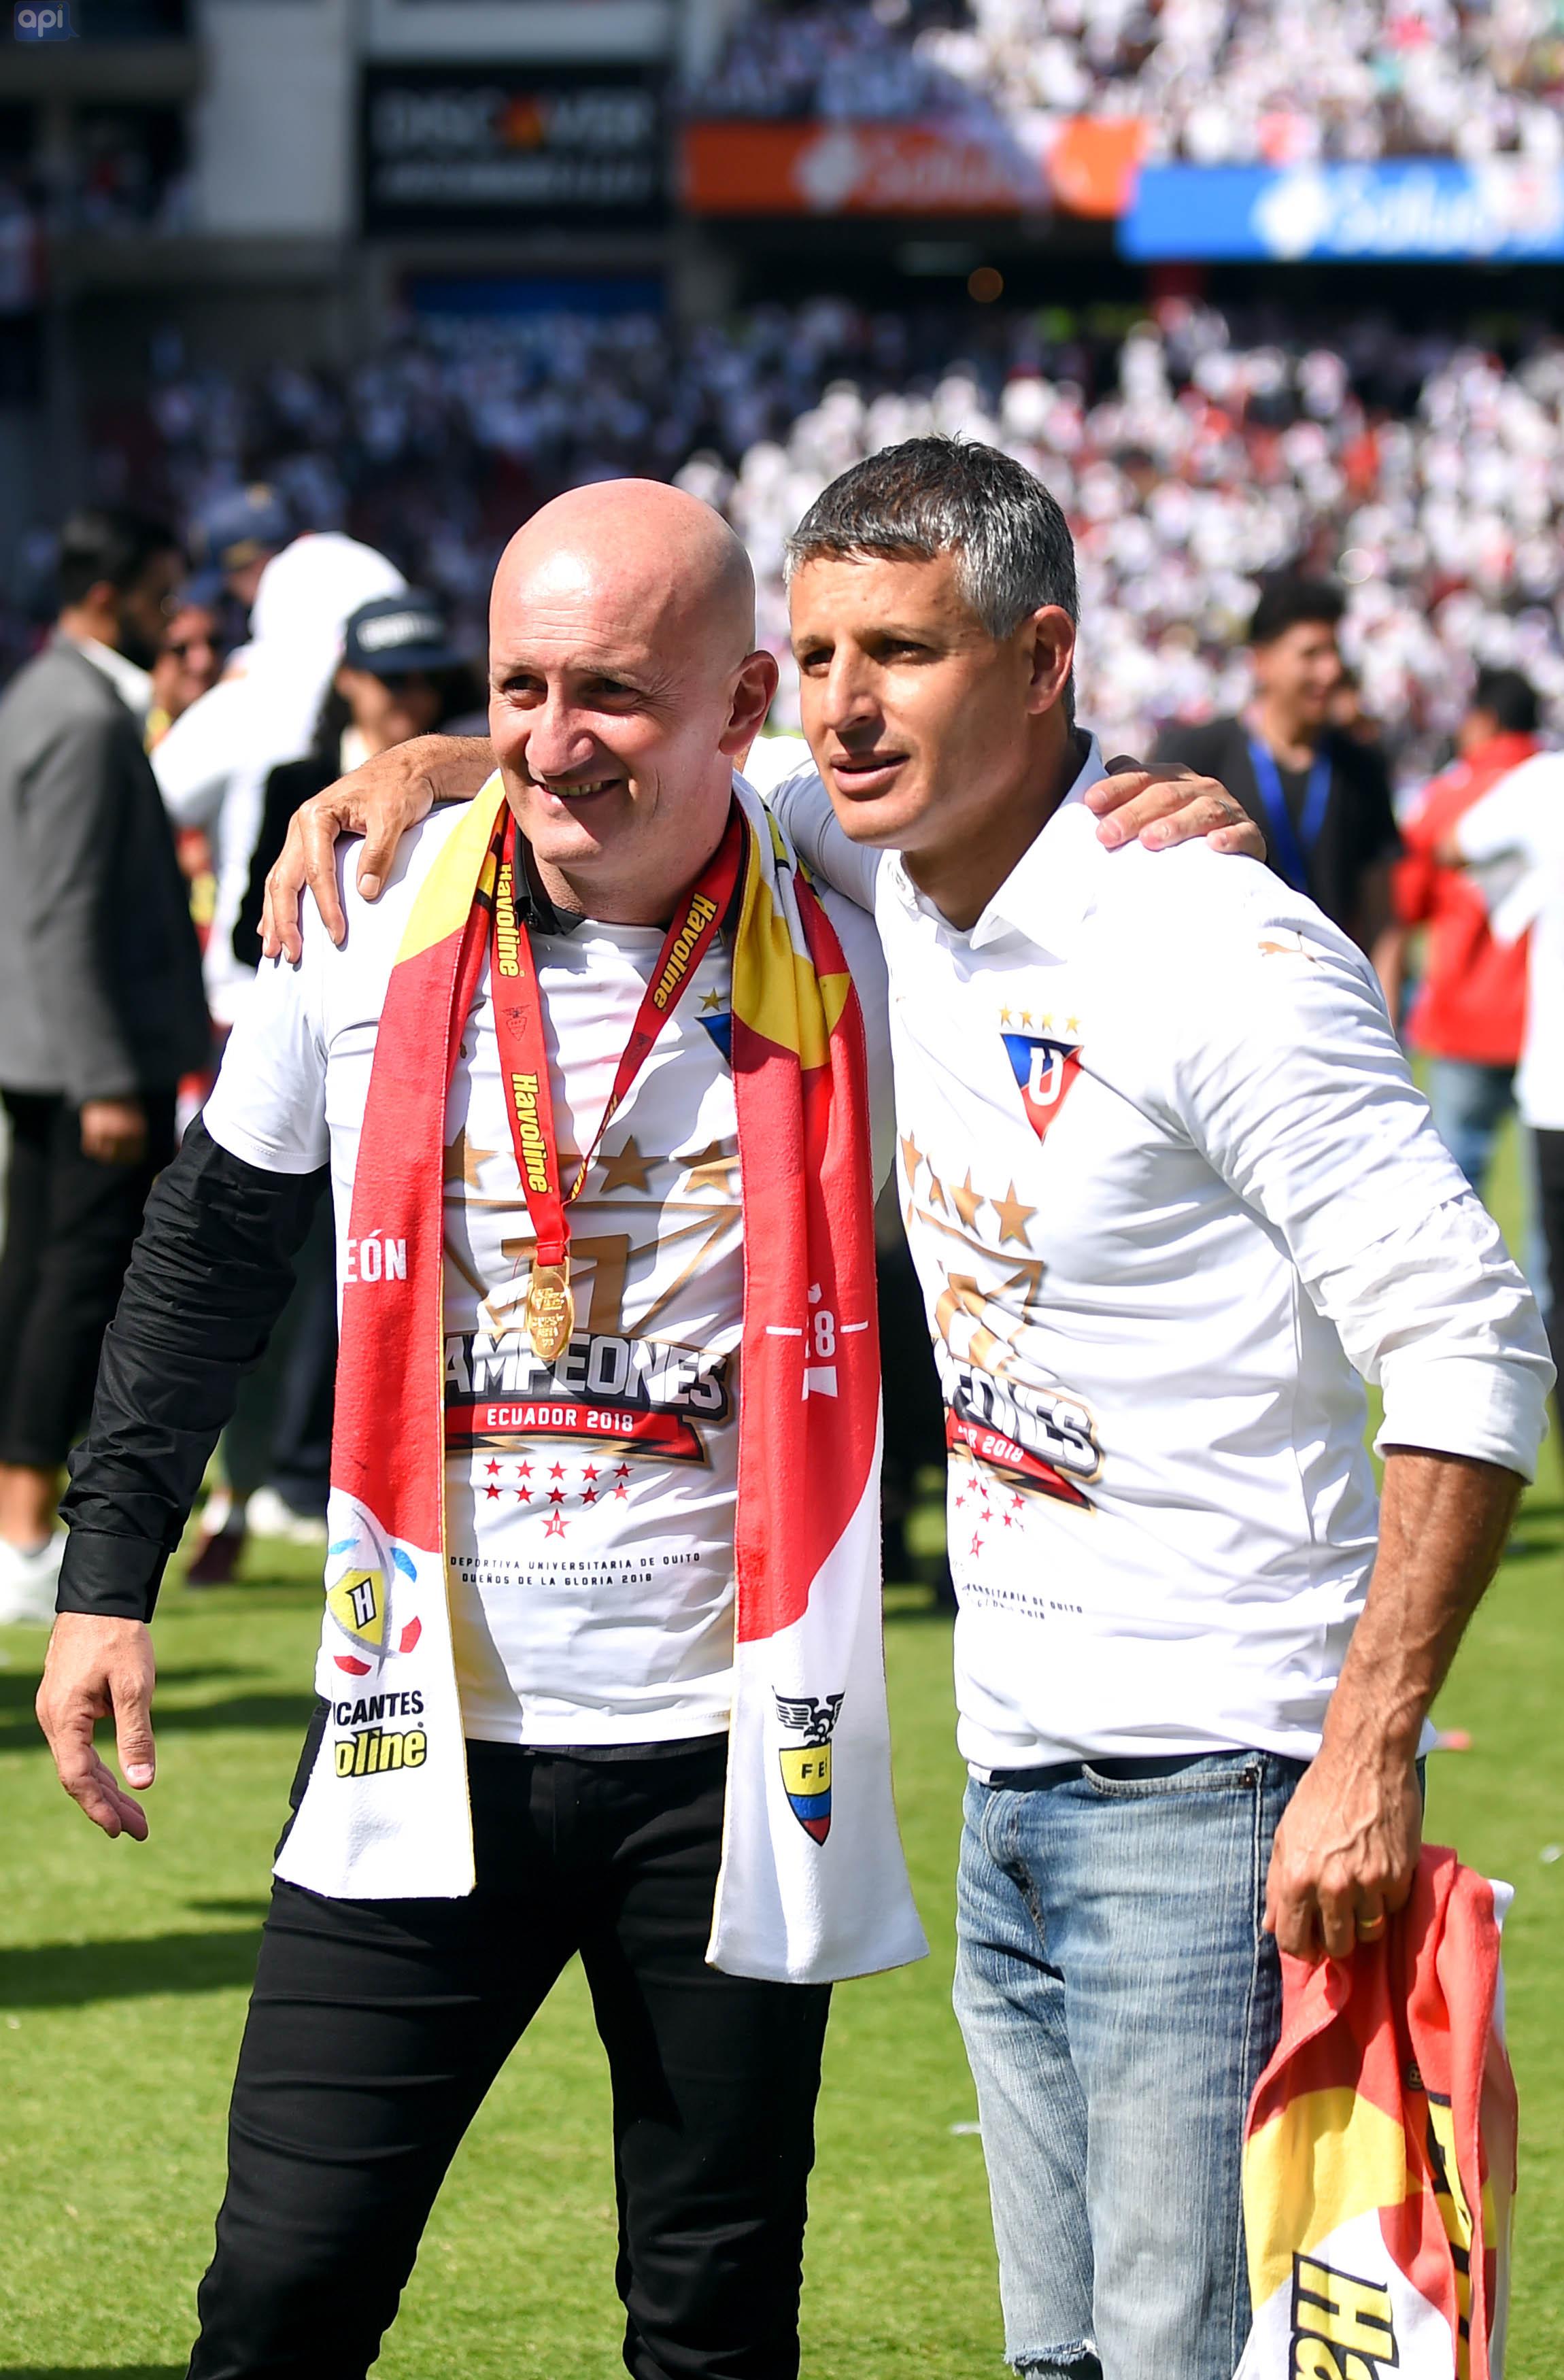 Santiago Jácome se refirió al respaldo de la directiva de LDUQ al estratega Repetto y la recuperación de Julio y Ordóñez